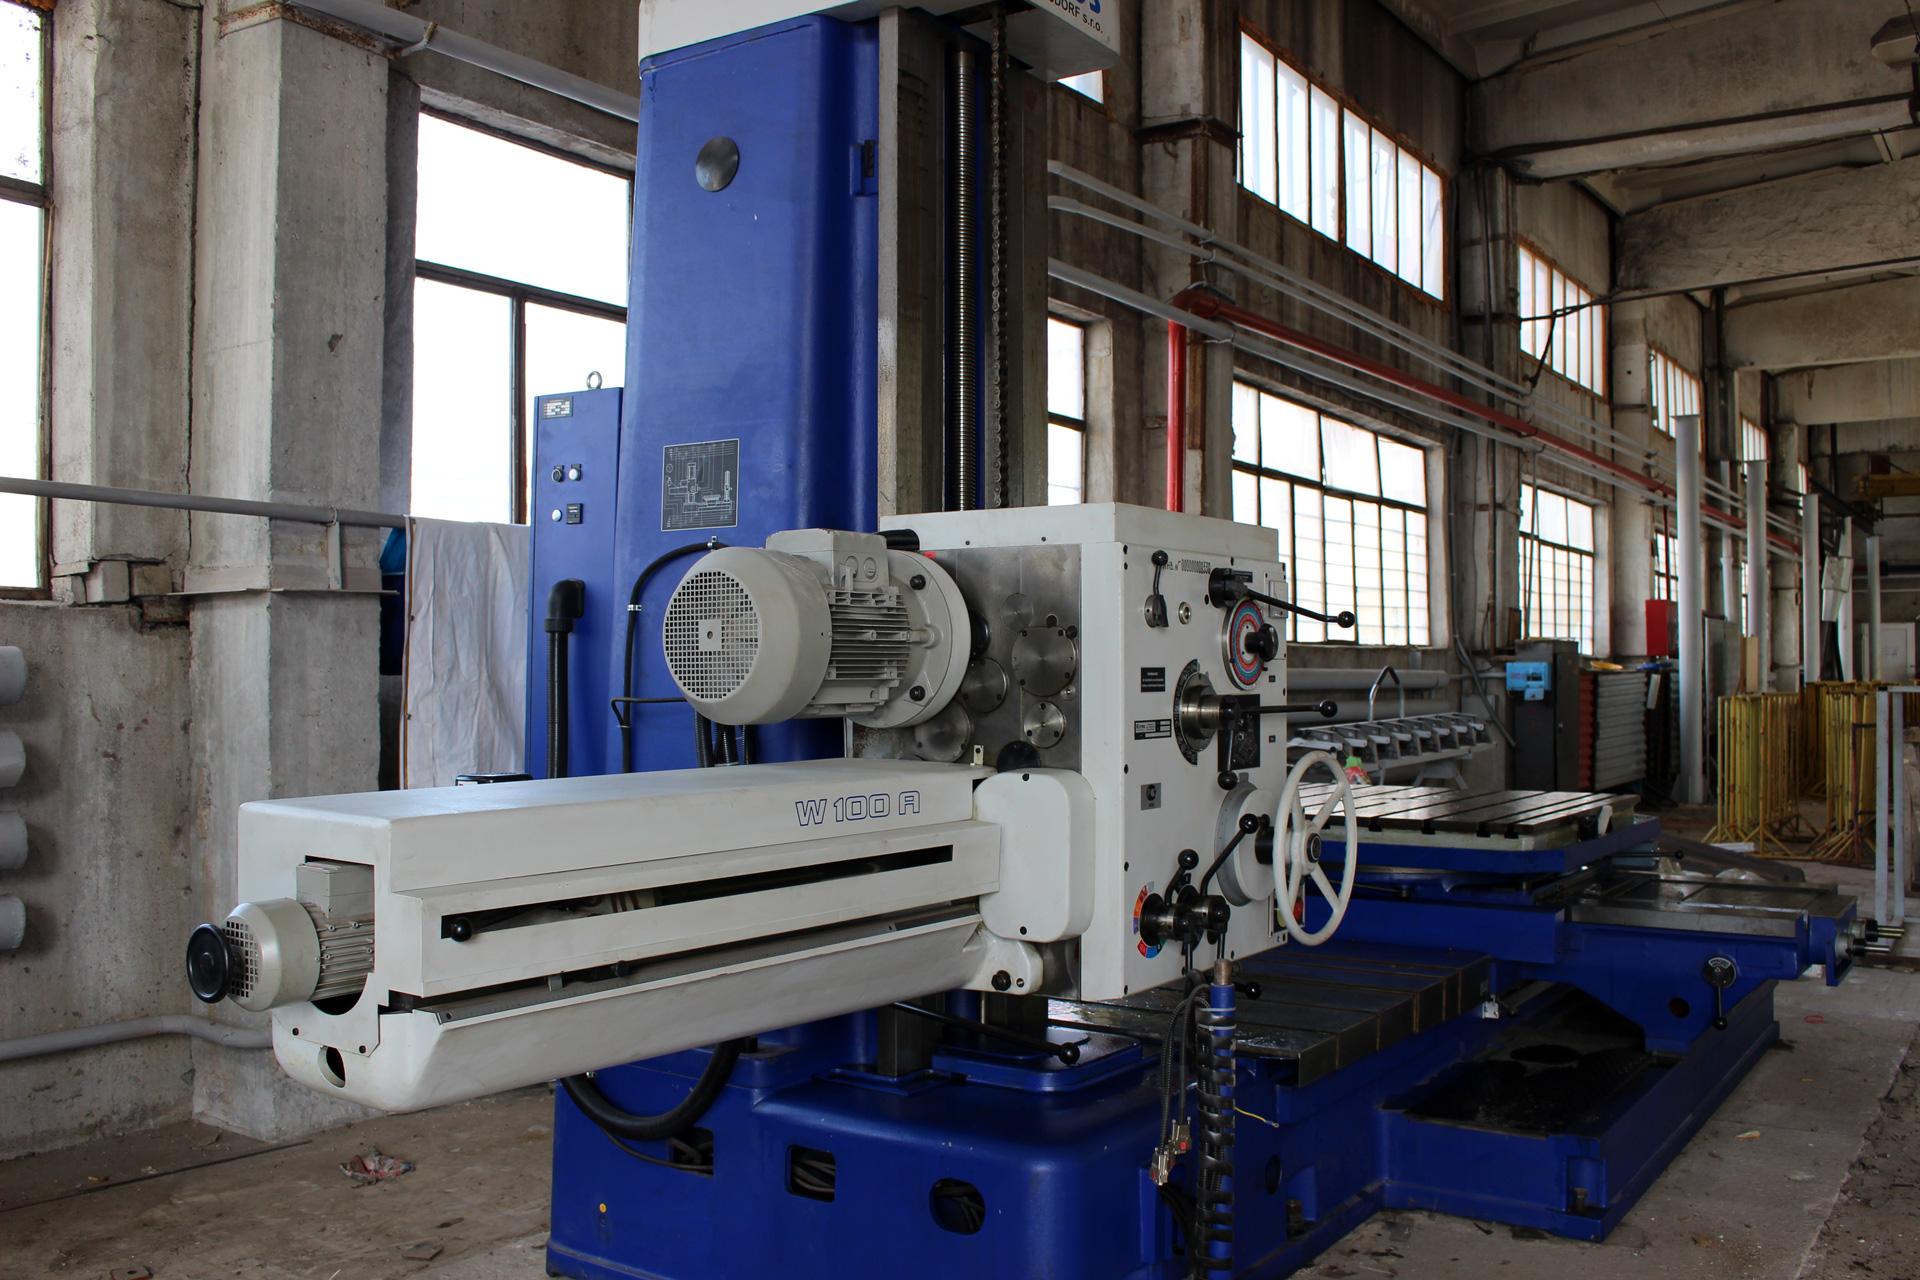 Горизонтально-расточной станок как универсальное металлорежущее оборудование